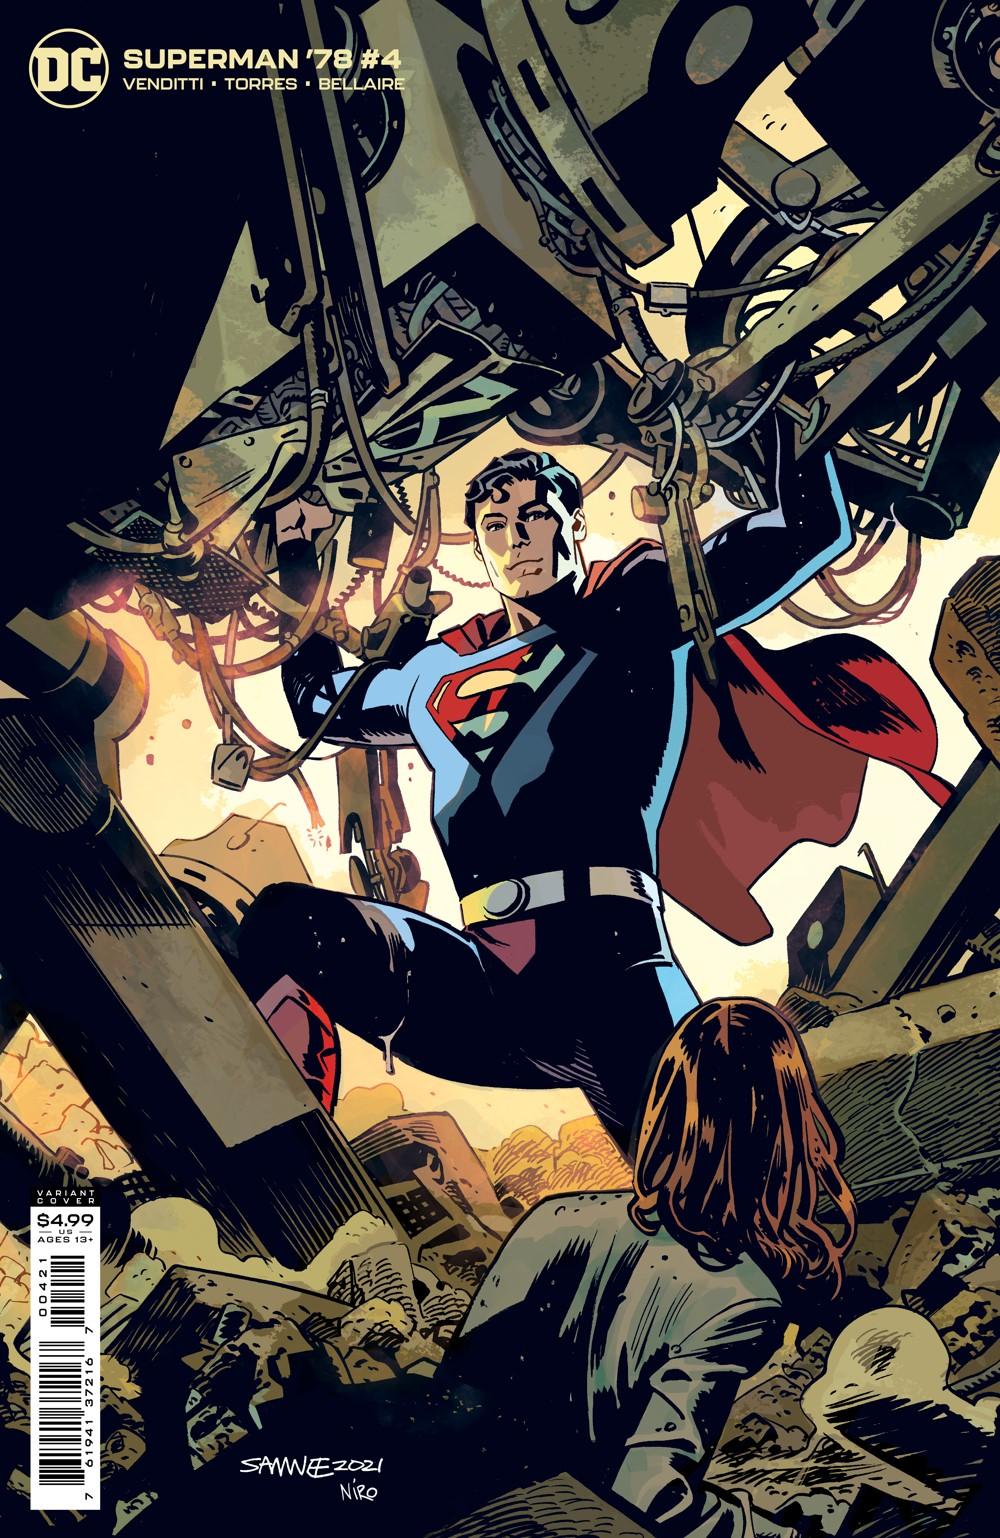 SM78_Cv4_var_00421 DC Comics November 2021 Solicitations